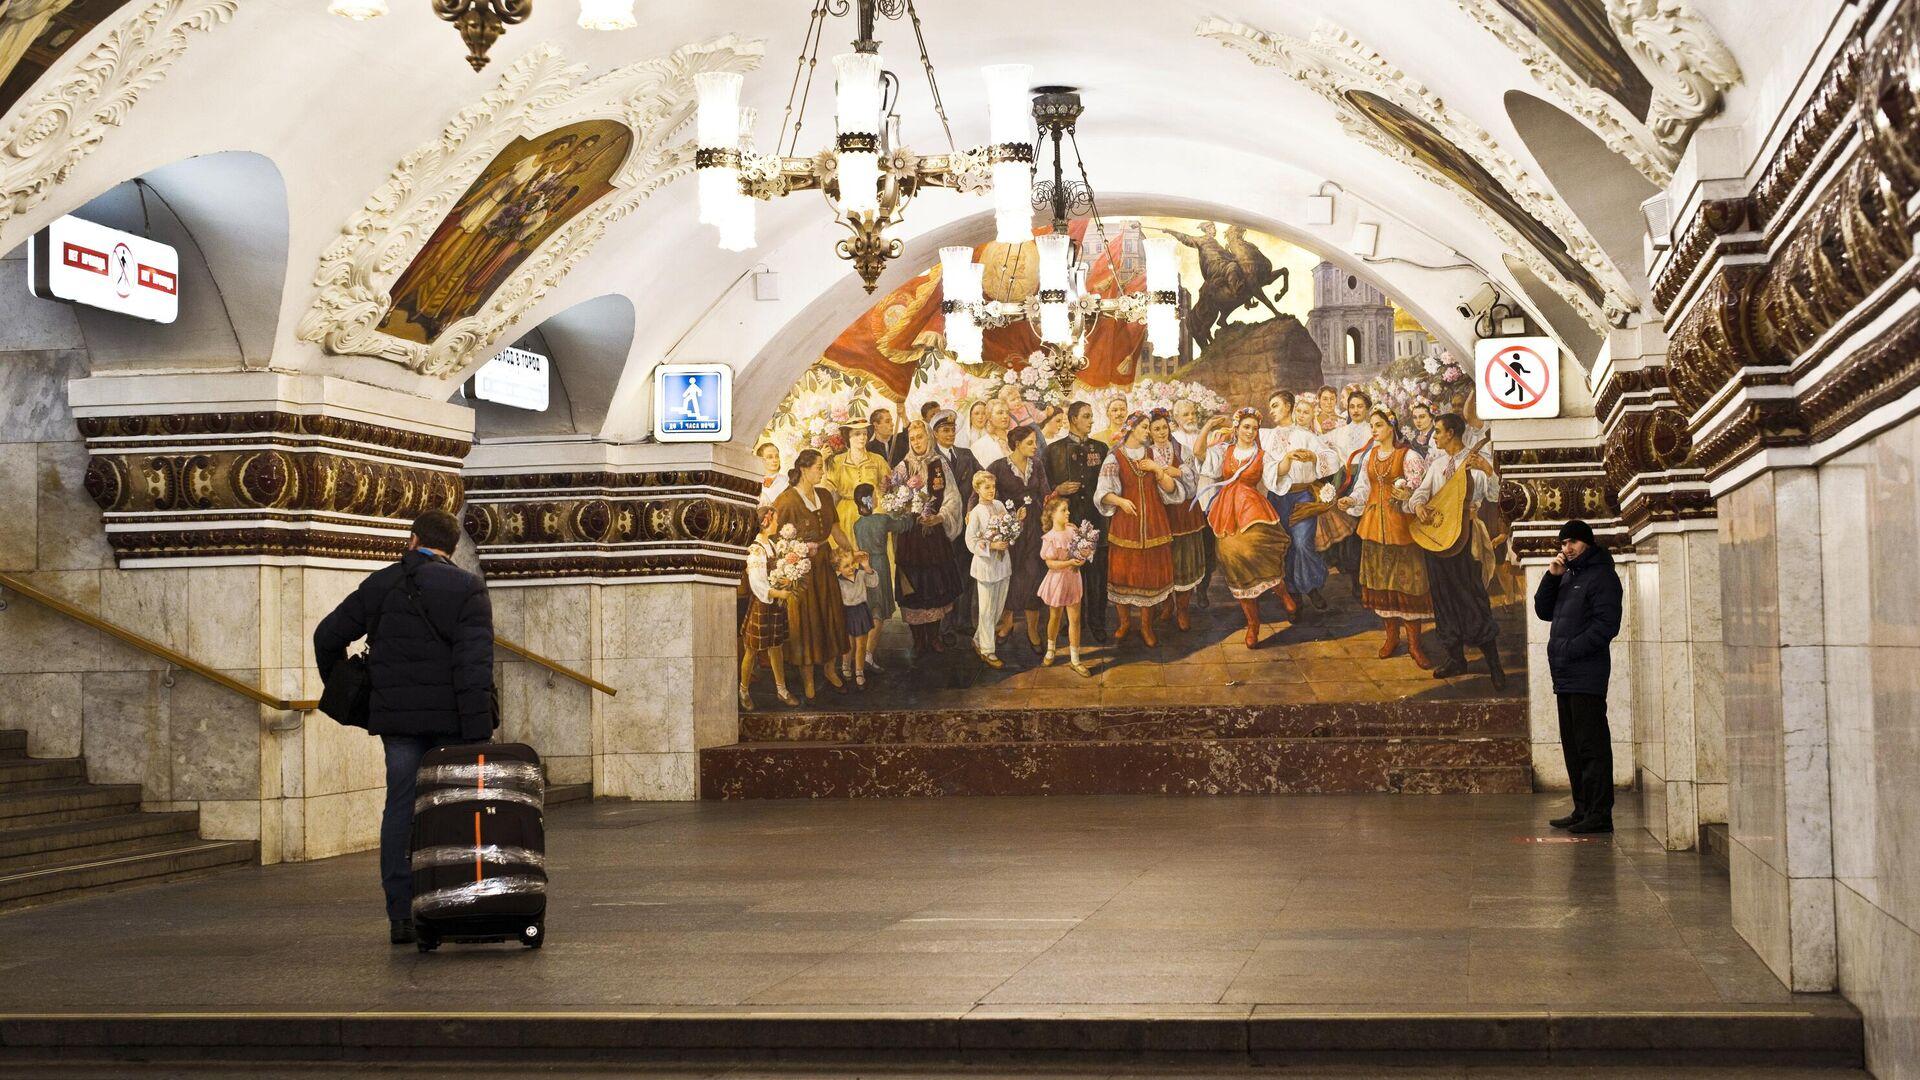 Станция московского метро Киевская - РИА Новости, 1920, 17.12.2020